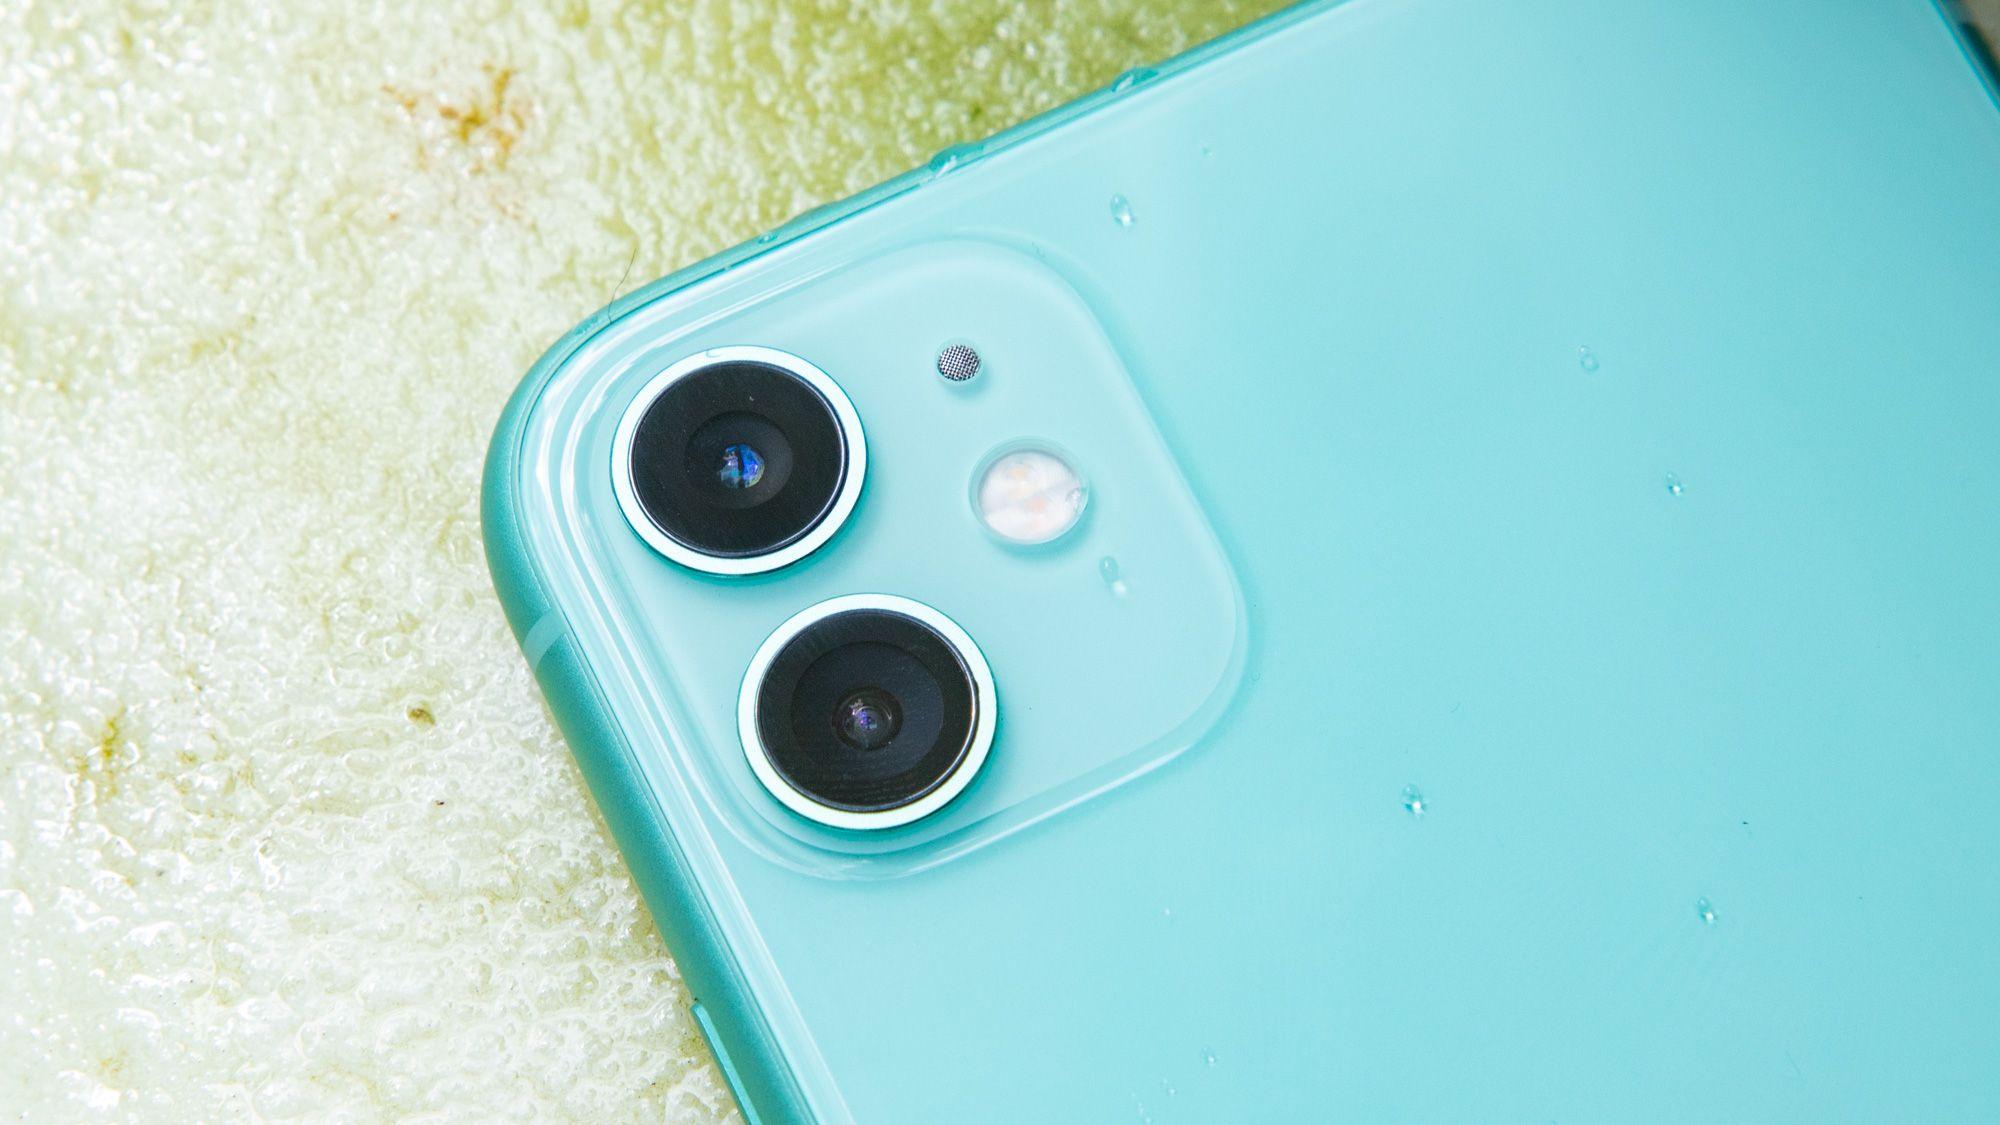 IPhone Xr vs iPhone 11 – którego z nich wybrać? Warto dopłacać do nowszego modelu?